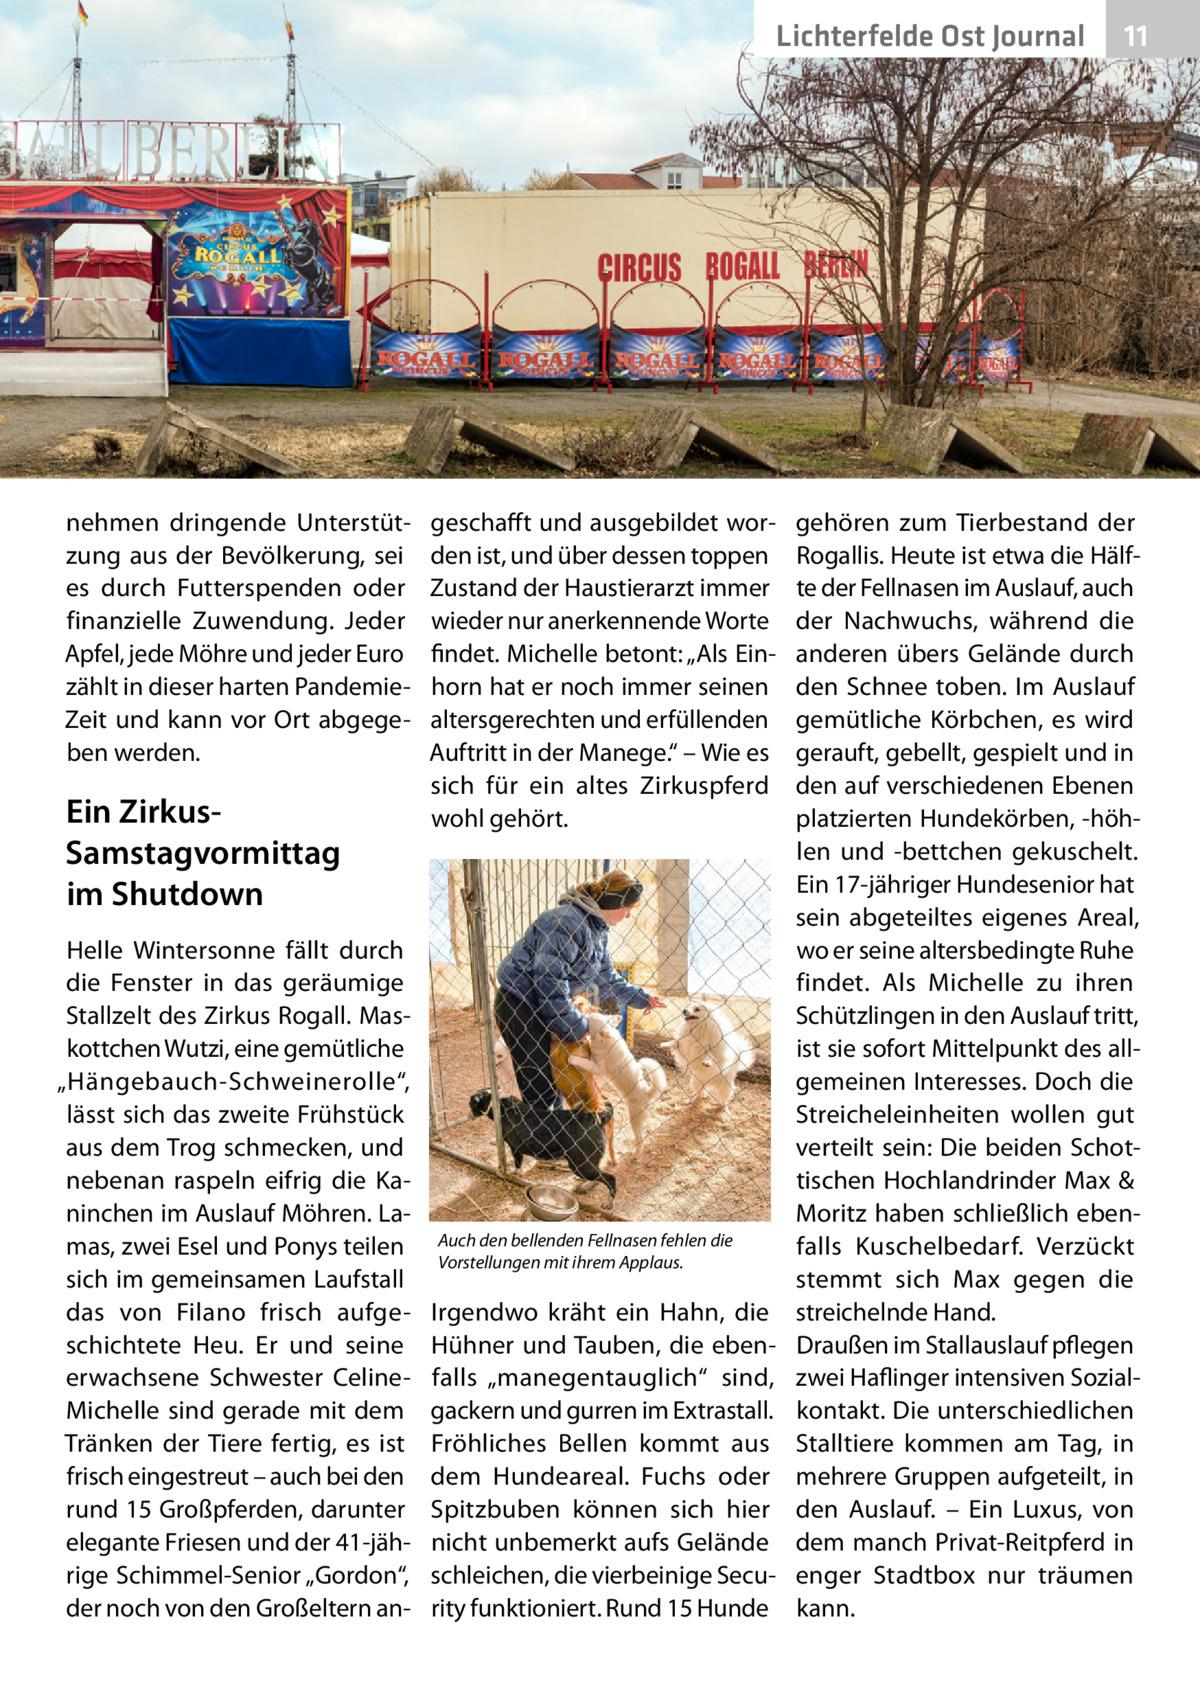 """Lichterfelde Ost Journal  nehmen dringende Unterstützung aus der Bevölkerung, sei es durch Futterspenden oder finanzielle Zuwendung. Jeder Apfel, jede Möhre und jeder Euro zählt in dieser harten PandemieZeit und kann vor Ort abgegeben werden.  Ein ZirkusSamstagvormittag im Shutdown Helle Wintersonne fällt durch die Fenster in das geräumige Stallzelt des Zirkus Rogall. Maskottchen Wutzi, eine gemütliche """"Hängebauch-Schweinerolle"""", lässt sich das zweite Frühstück aus dem Trog schmecken, und nebenan raspeln eifrig die Kaninchen im Auslauf Möhren. Lamas, zwei Esel und Ponys teilen sich im gemeinsamen Laufstall das von Filano frisch aufgeschichtete Heu. Er und seine erwachsene Schwester CelineMichelle sind gerade mit dem Tränken der Tiere fertig, es ist frisch eingestreut – auch bei den rund 15Großpferden, darunter elegante Friesen und der 41-jährige Schimmel-Senior """"Gordon"""", der noch von den Großeltern an geschafft und ausgebildet worden ist, und über dessen toppen Zustand der Haustierarzt immer wieder nur anerkennende Worte findet. Michelle betont: """"Als Einhorn hat er noch immer seinen altersgerechten und erfüllenden Auftritt in der Manege."""" – Wie es sich für ein altes Zirkuspferd wohl gehört.  Auch den bellenden Fellnasen fehlen die Vorstellungen mit ihrem Applaus.  Irgendwo kräht ein Hahn, die Hühner und Tauben, die ebenfalls """"manegentauglich"""" sind, gackern und gurren im Extrastall. Fröhliches Bellen kommt aus dem Hundeareal. Fuchs oder Spitzbuben können sich hier nicht unbemerkt aufs Gelände schleichen, die vierbeinige Security funktioniert. Rund 15Hunde  11 11  gehören zum Tierbestand der Rogallis. Heute ist etwa die Hälfte der Fellnasen im Auslauf, auch der Nachwuchs, während die anderen übers Gelände durch den Schnee toben. Im Auslauf gemütliche Körbchen, es wird gerauft, gebellt, gespielt und in den auf verschiedenen Ebenen platzierten Hundekörben, -höhlen und -bettchen gekuschelt. Ein 17-jähriger Hundesenior hat sein abgeteiltes eigenes Areal, wo er seine alter"""